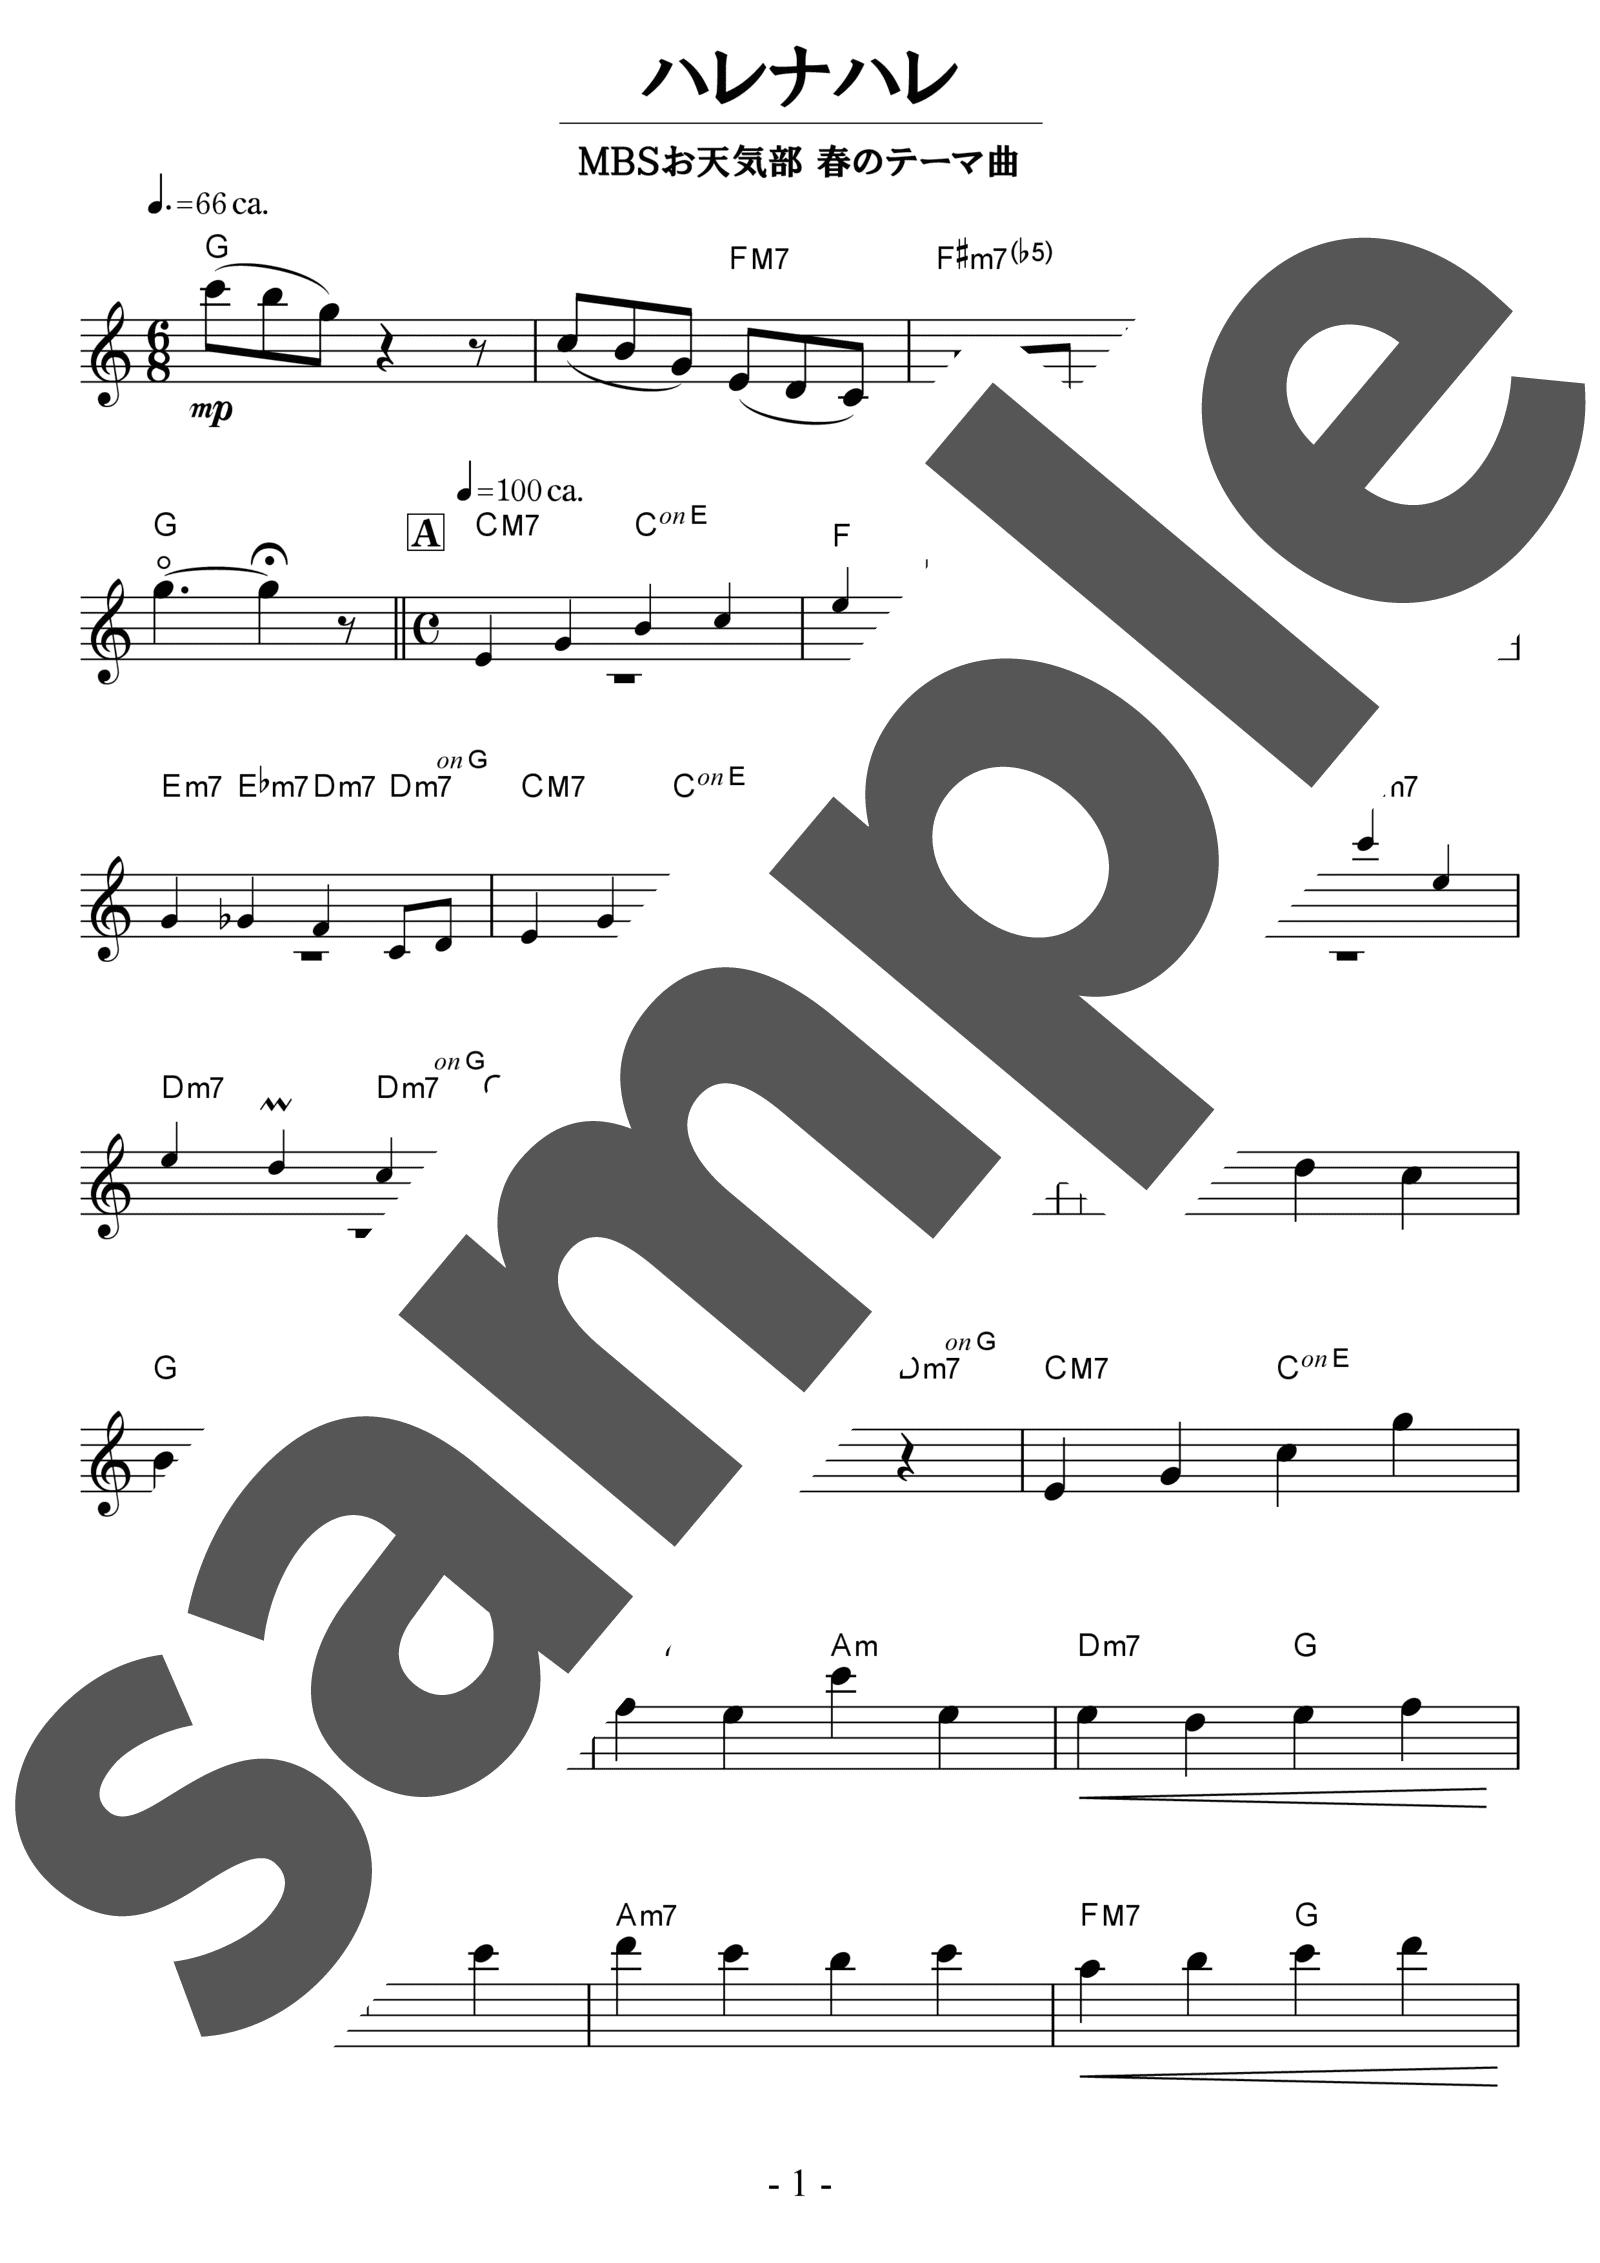 「ハレナハレ」のサンプル楽譜